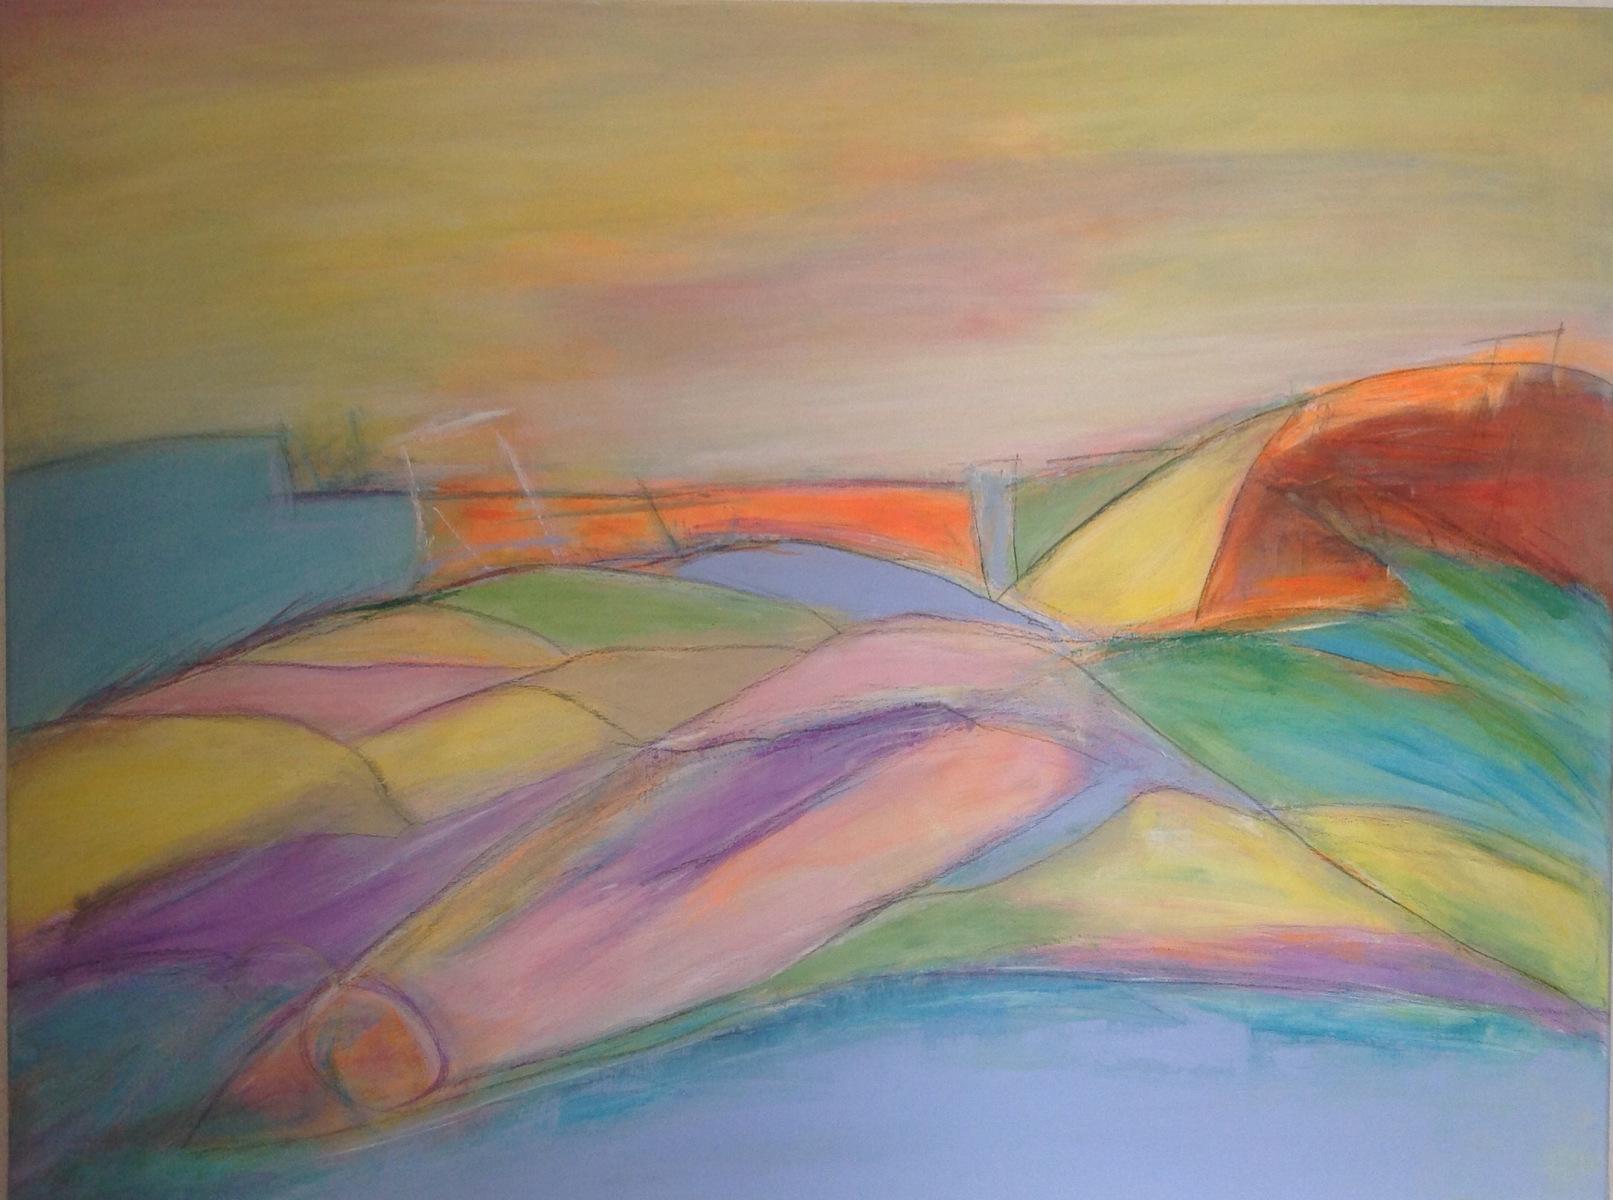 Har prøvet at male i lyse farver 80 x 60 cm